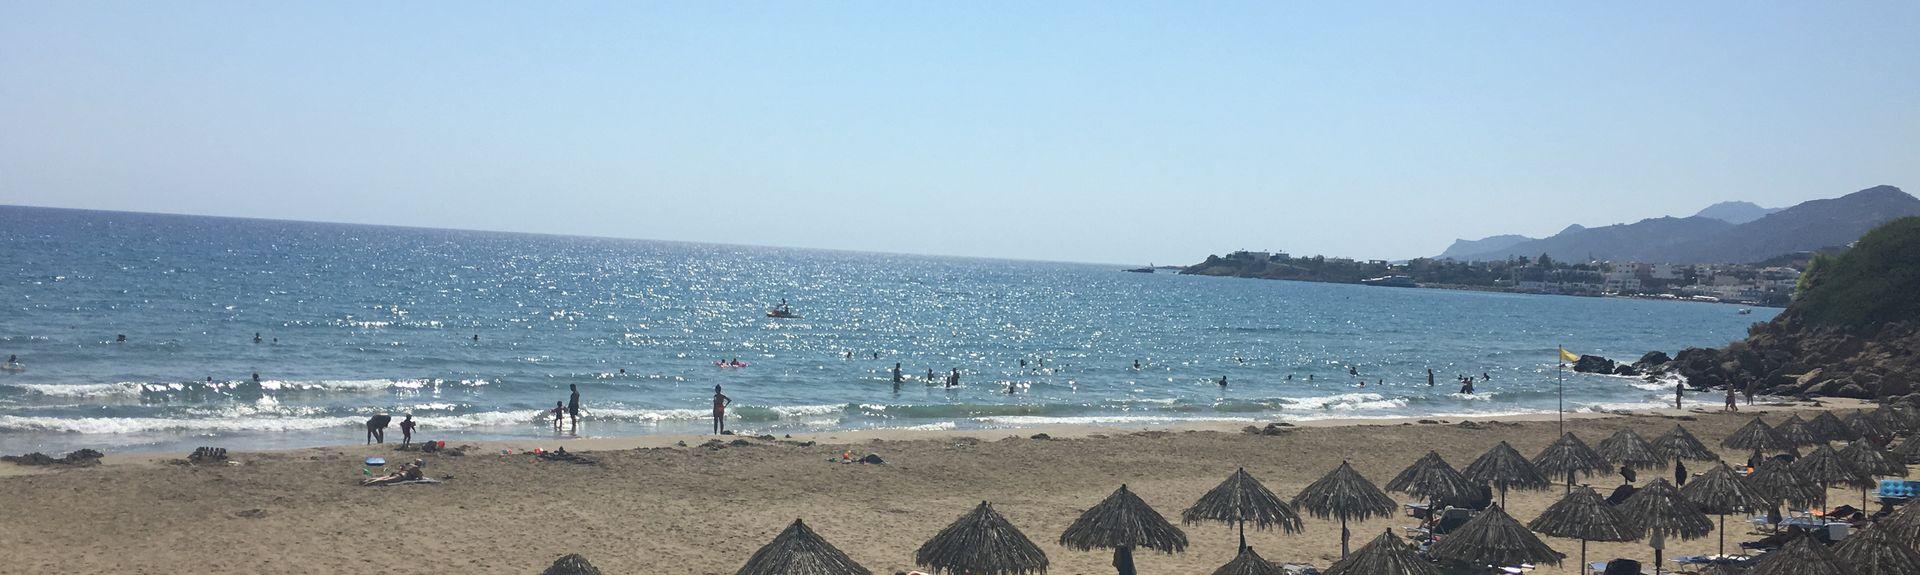 Ferma, Kreetan saari, Kreikka